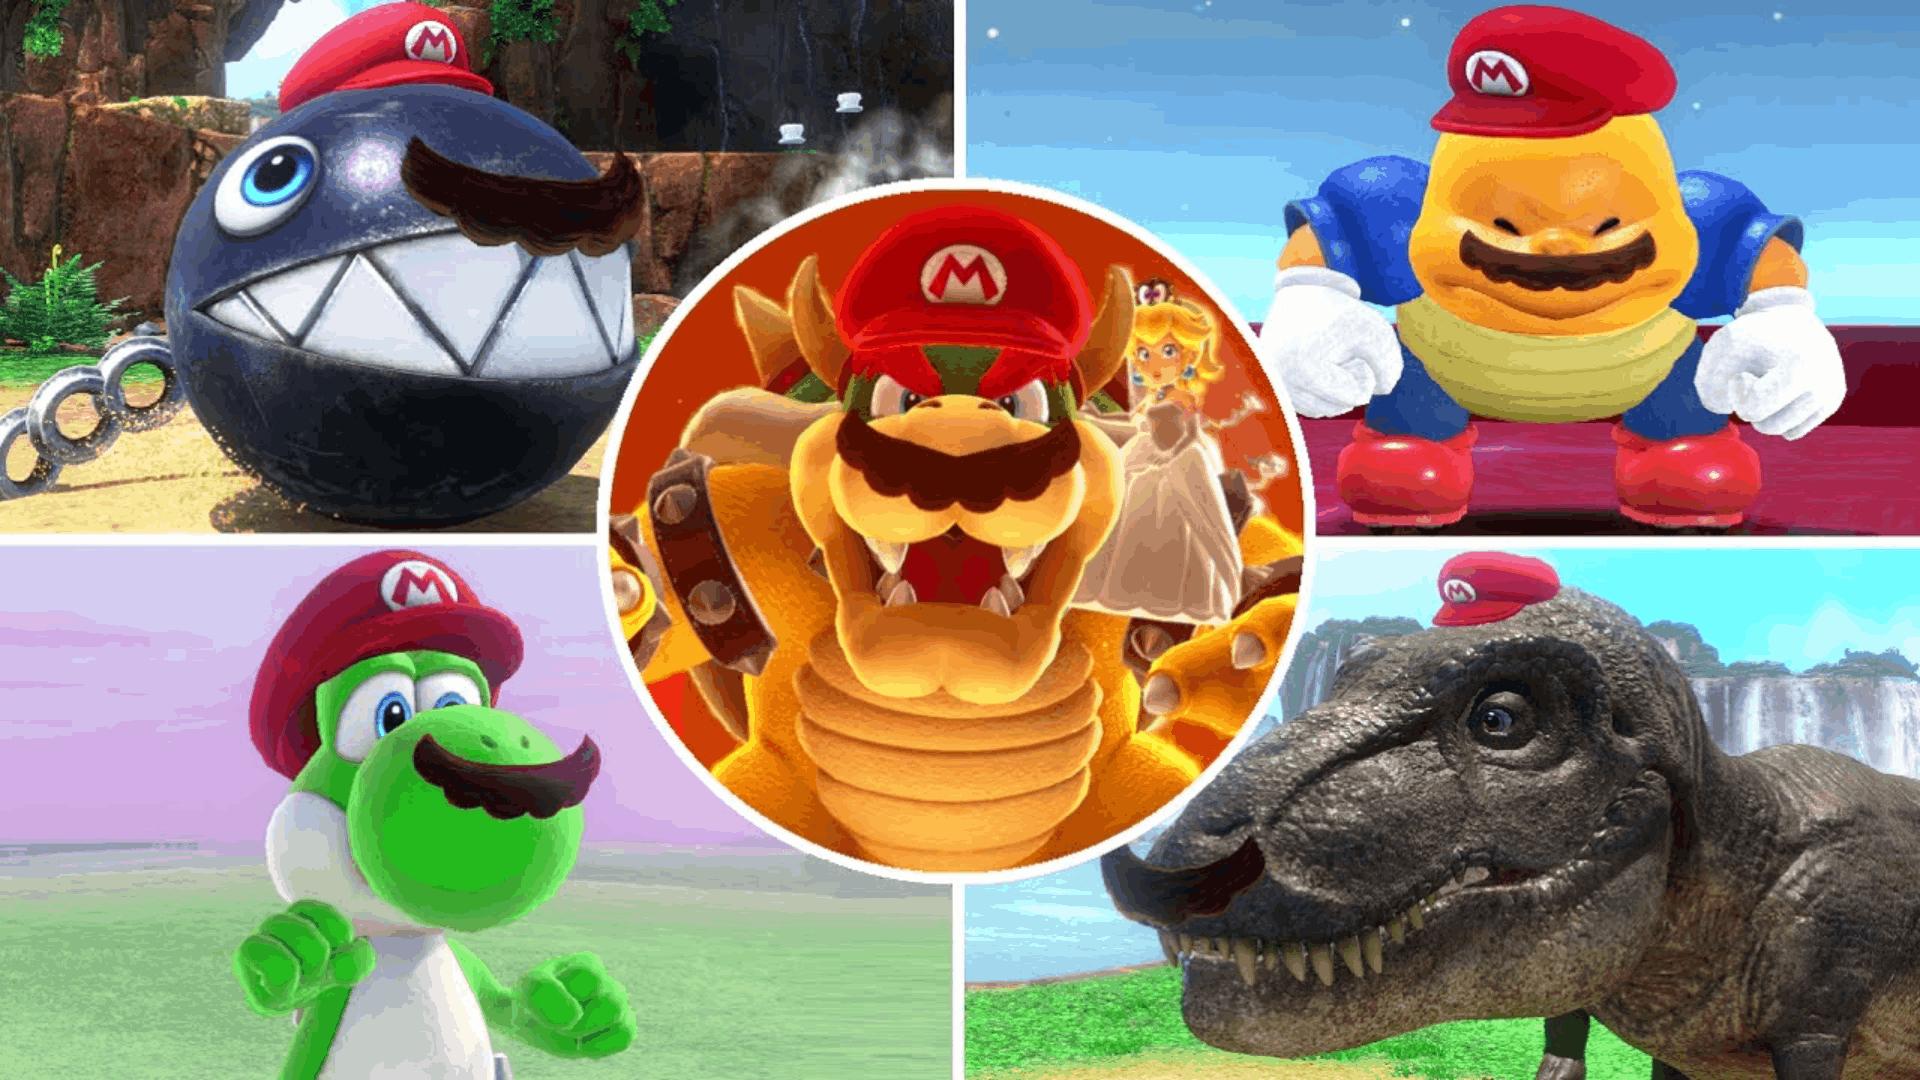 《超级马里奥:奥德赛》马里奥的所有帽子附身形态!